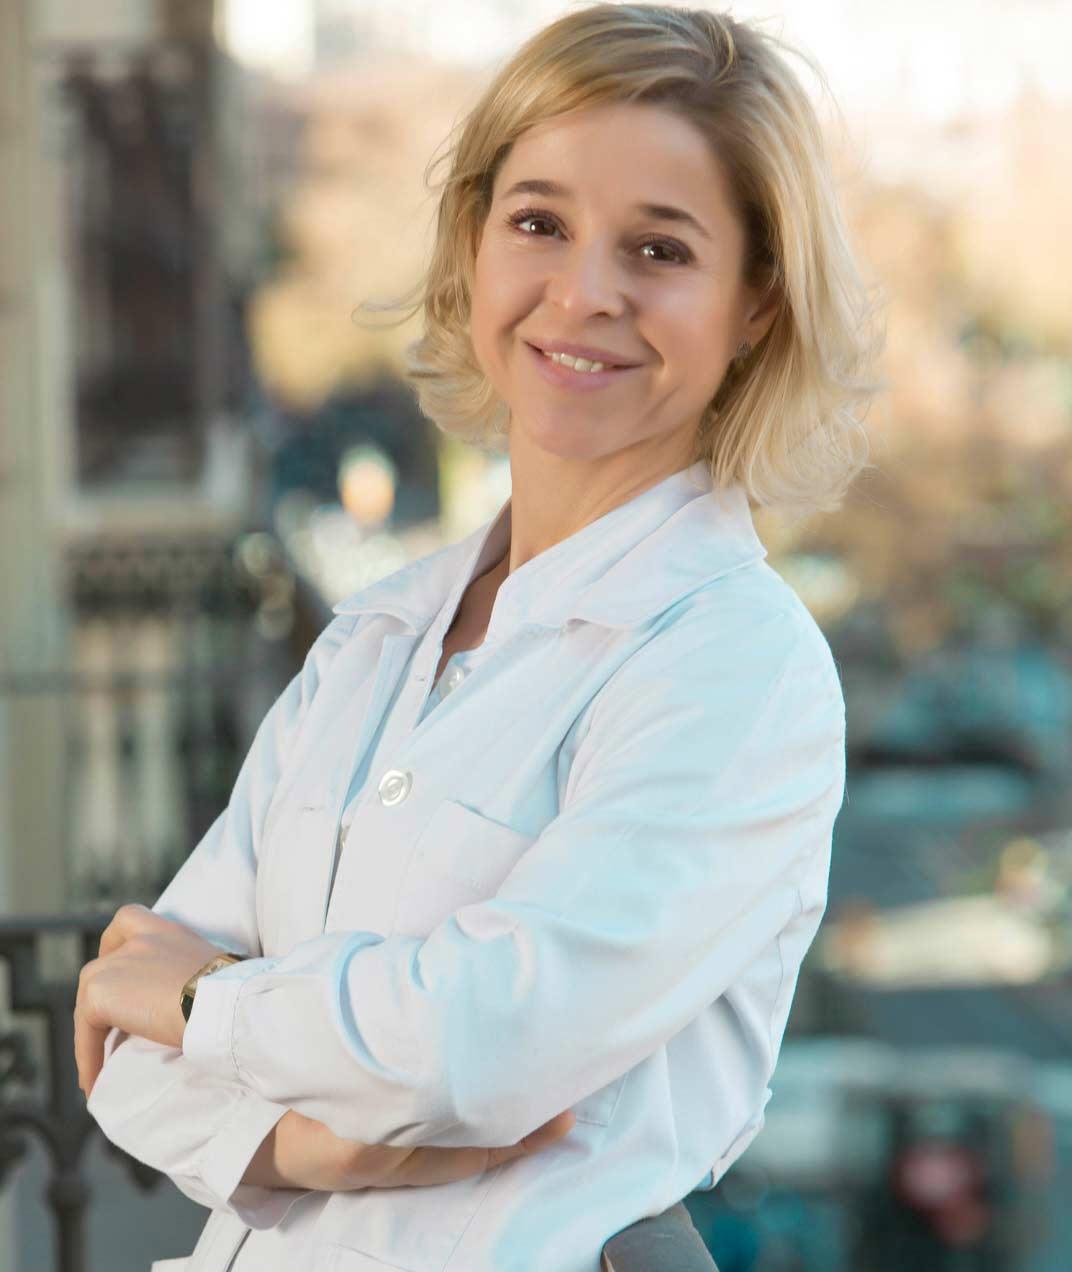 Dra. Adriana Ribé, experta en medicina estética.